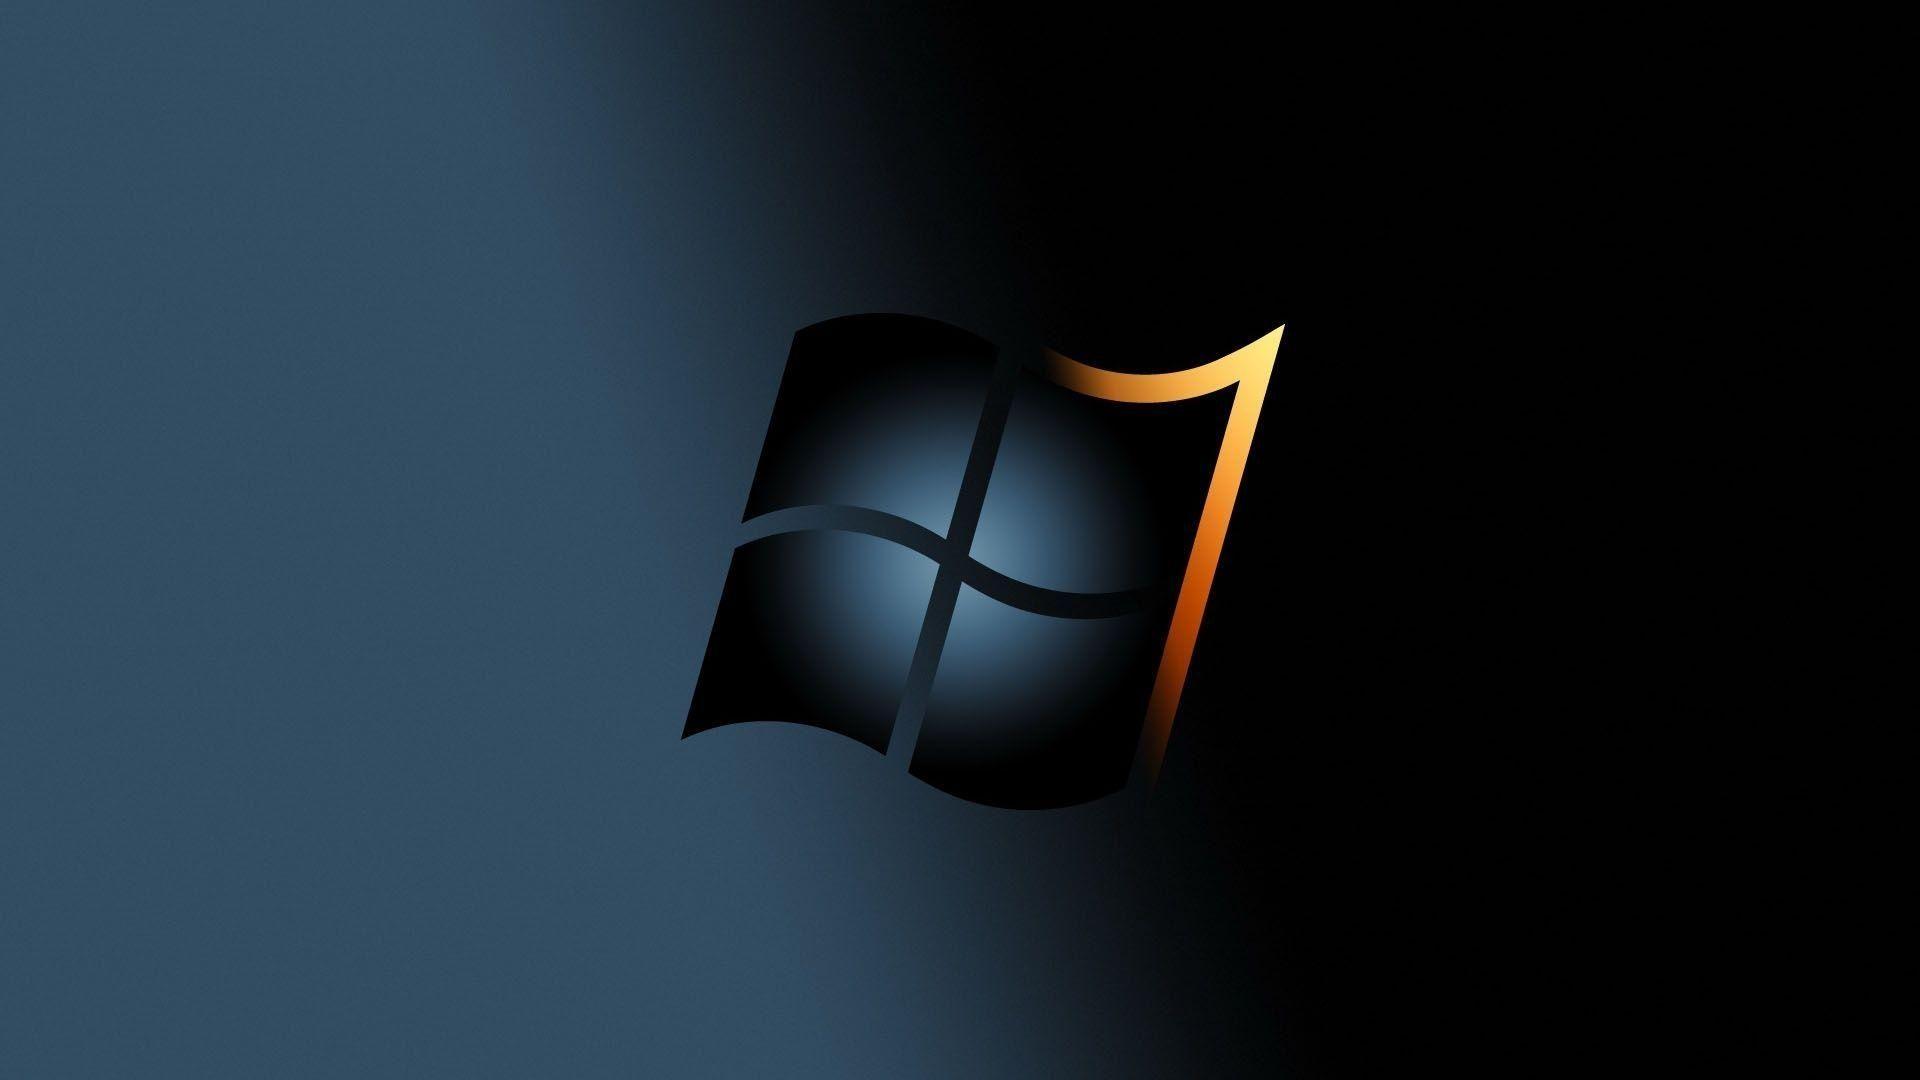 10 Best Windows 7 Wallpaper 1080p Full Hd 1920 1080 For Pc Background Hd Wallpapers For Pc Hd Wallpaper Desktop Desktop Wallpaper Black